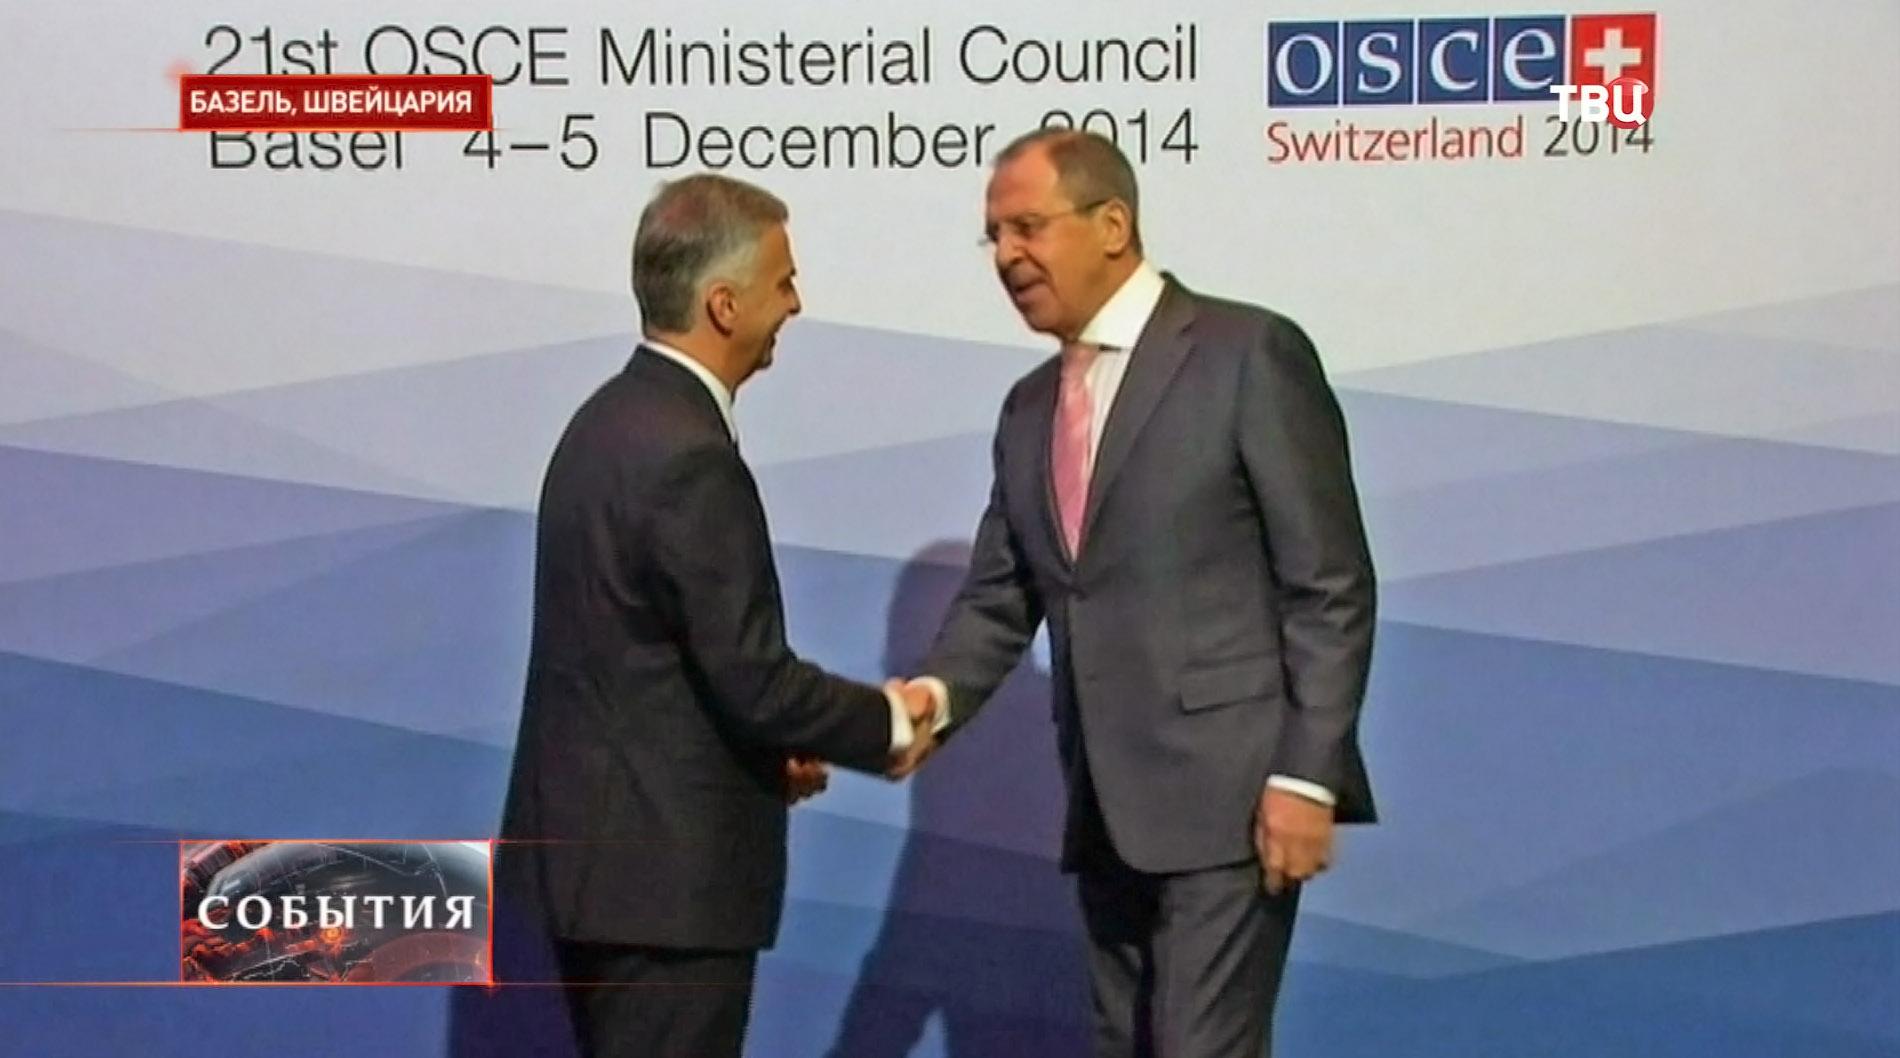 Глава МИД России Сергей Лавров прибыл на саммит ОБСЕ